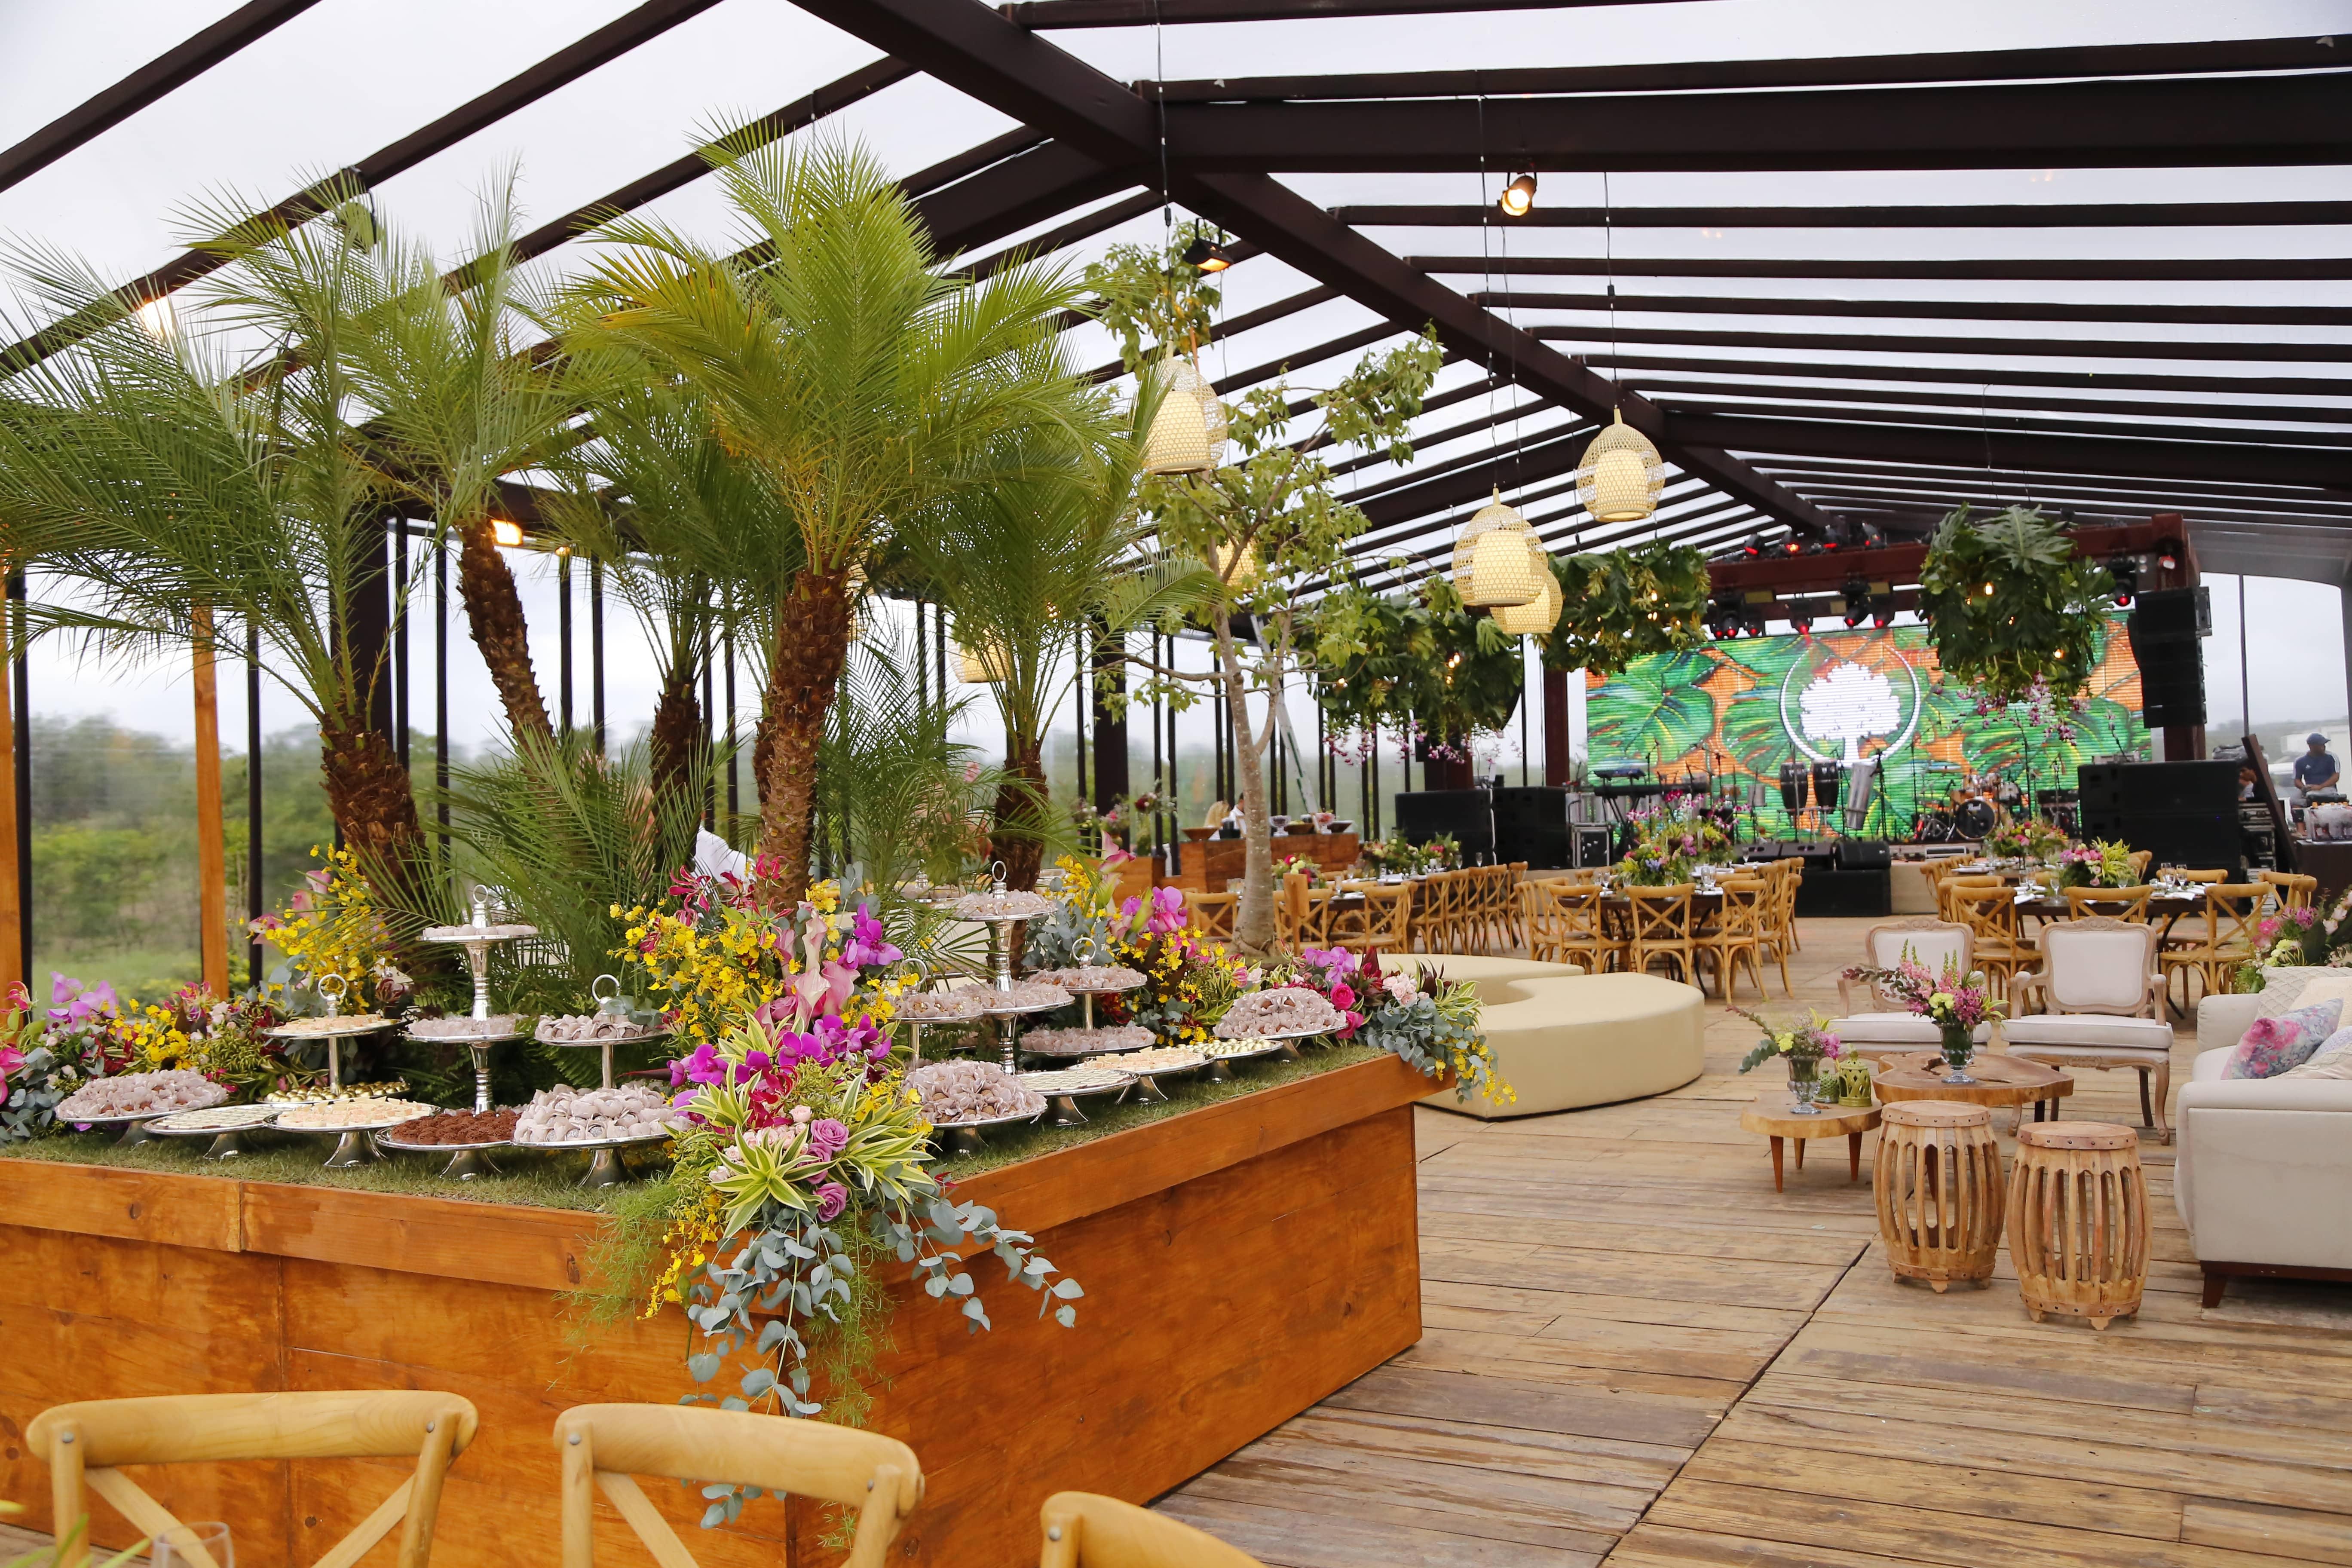 Villa Garden Eventos - Crédito: Divulgação